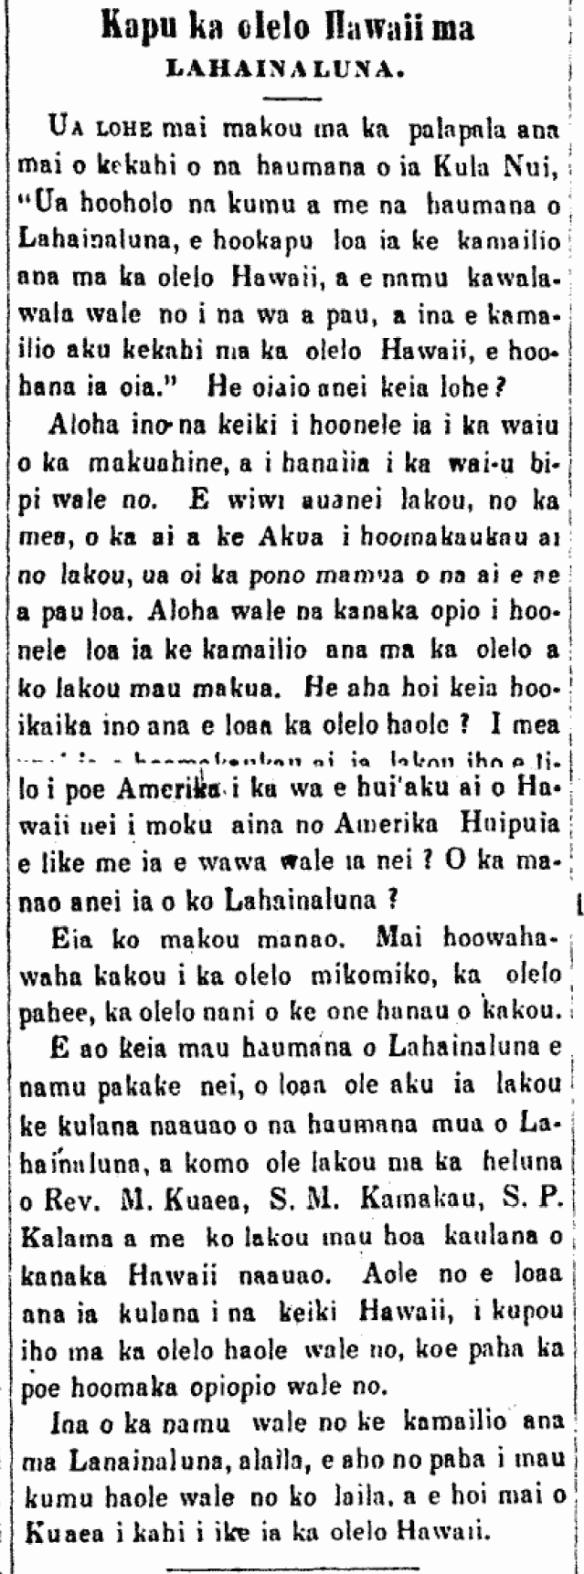 Kapu ka olelo Hawaii ma LAHAINALUNA.